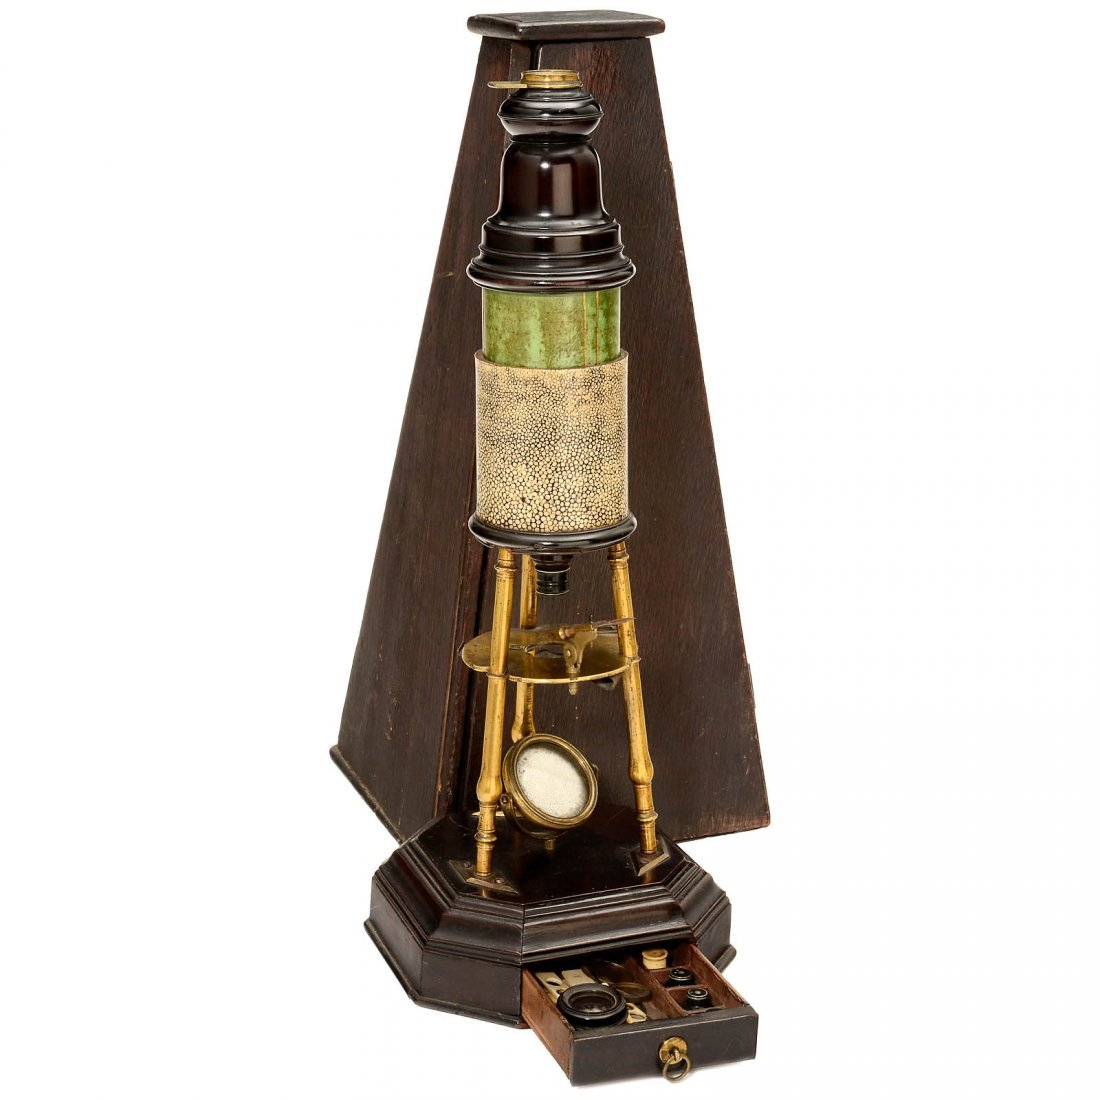 Culpeper-Style Tripod Compound Microscope, c. 1735